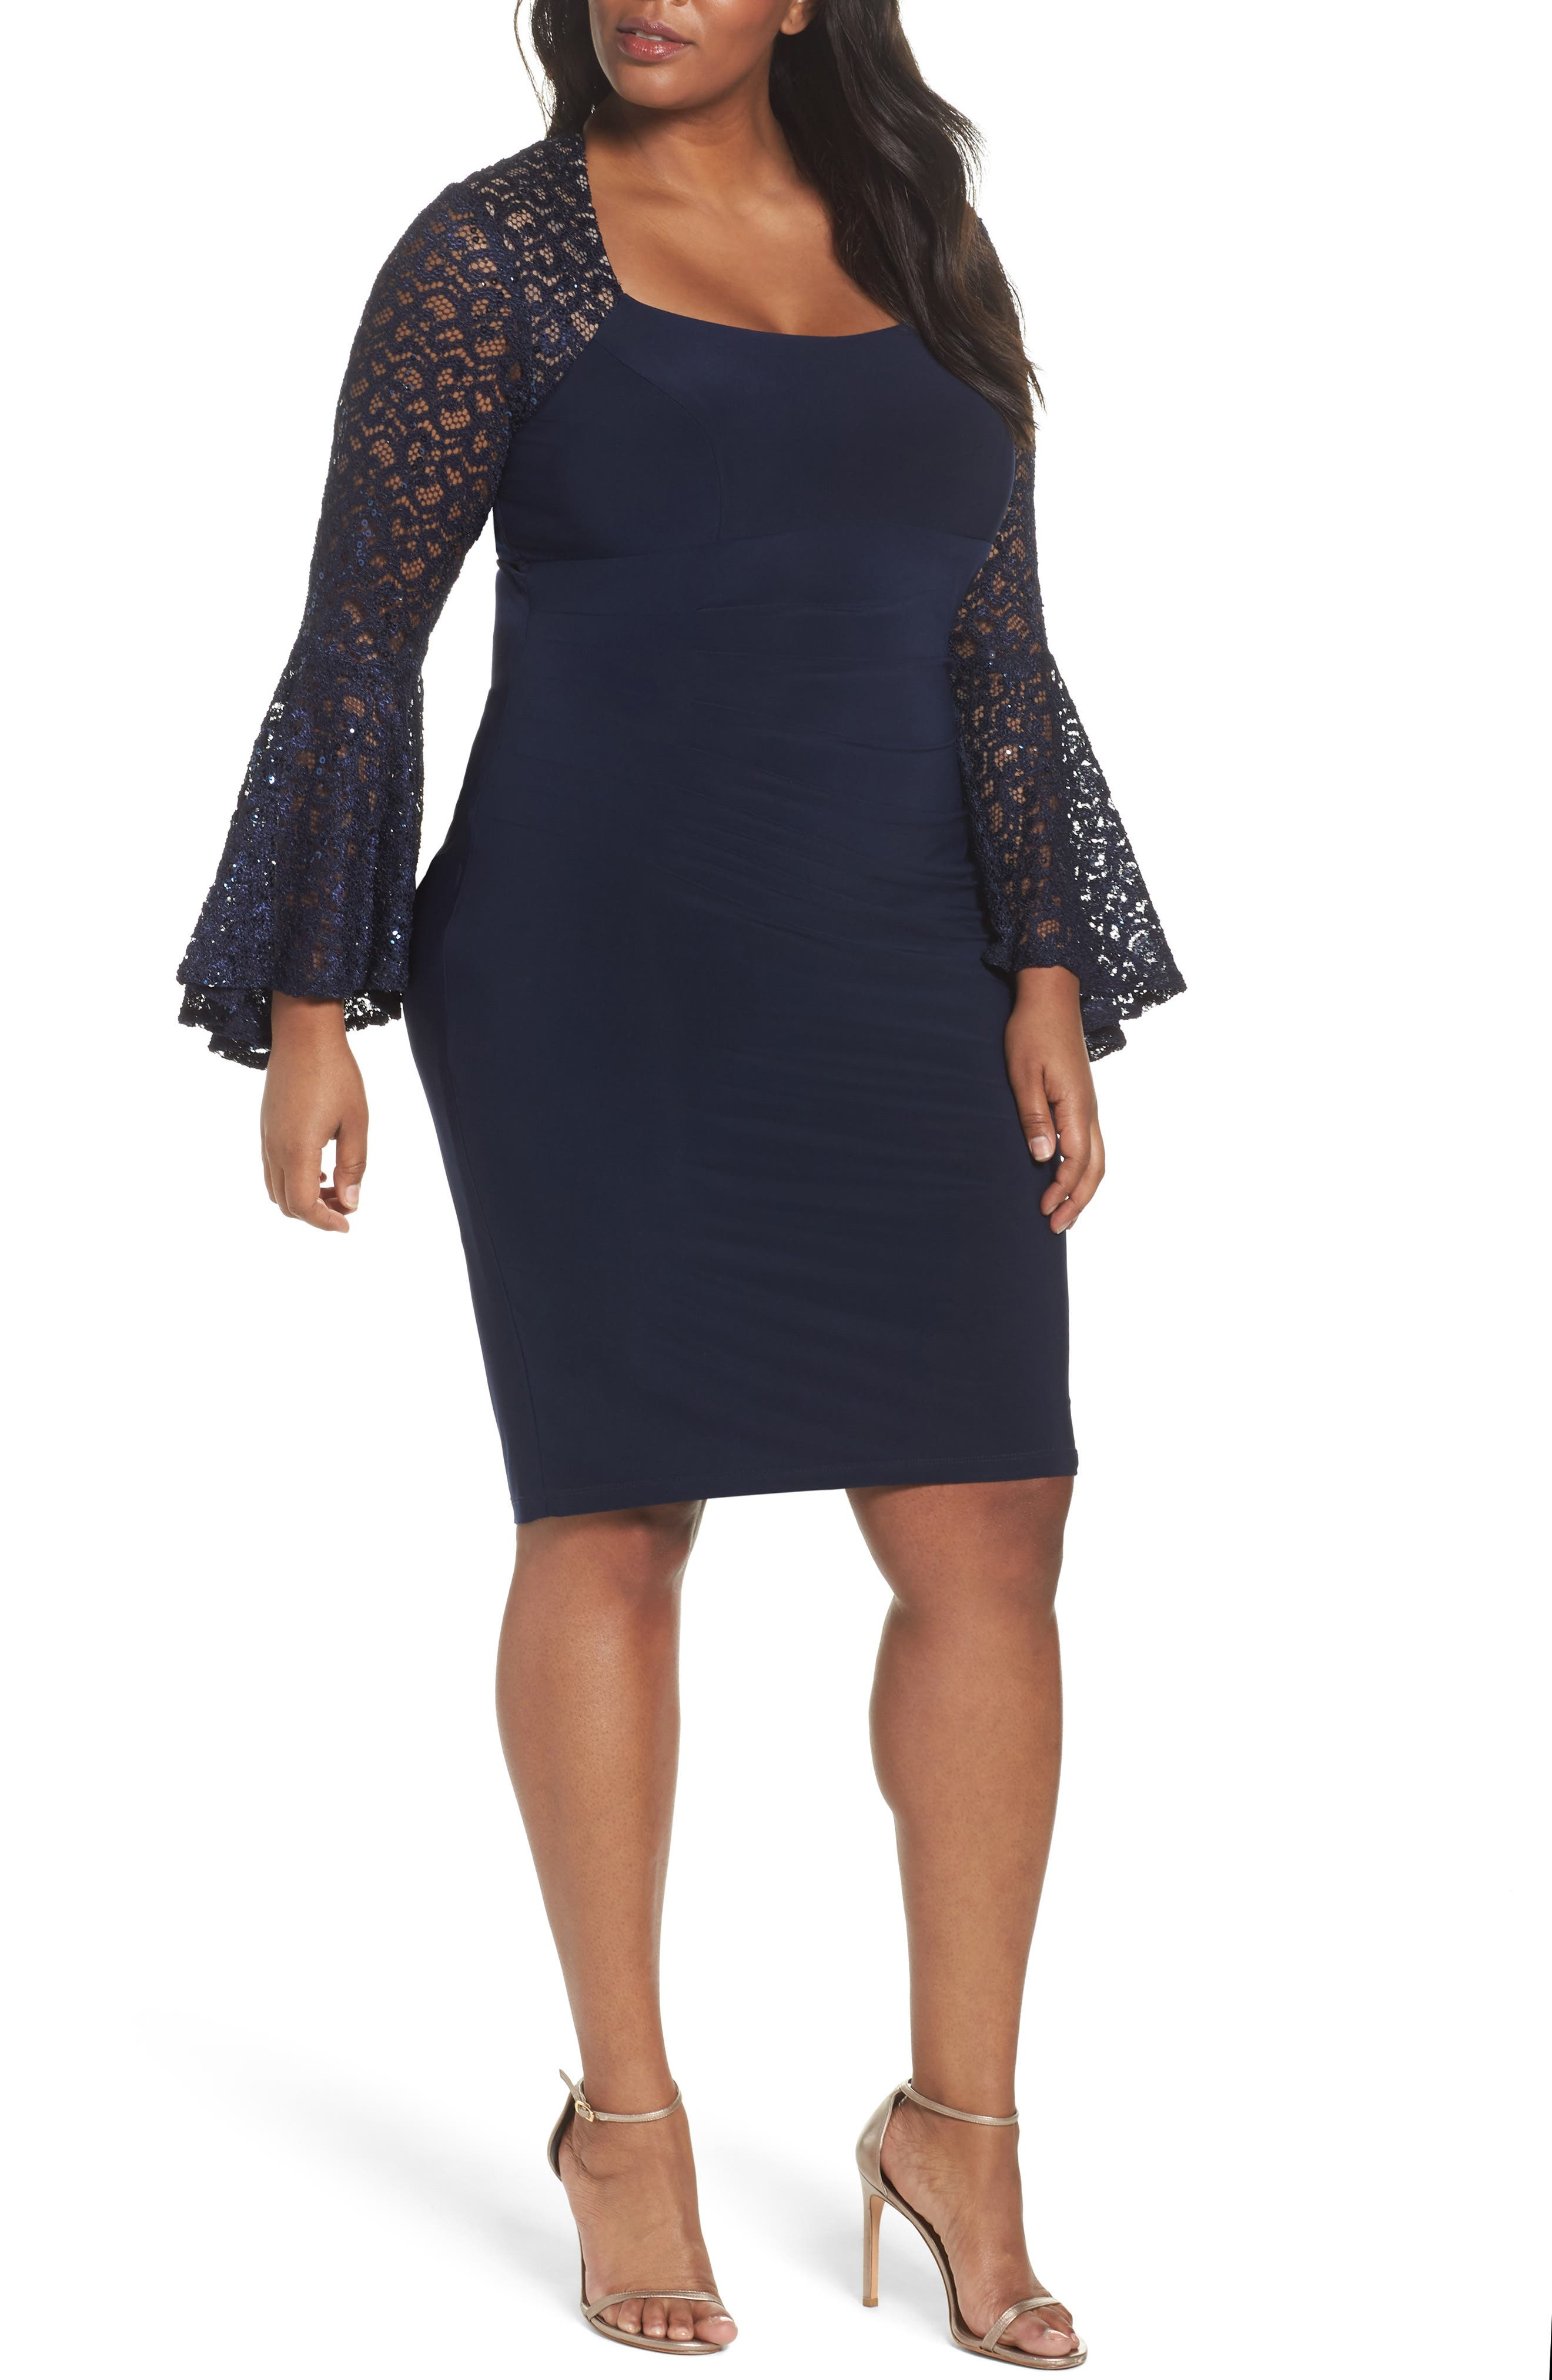 Main Image - Xscape Ruched Lace Sleeve Sheath Dress (Plus Size)